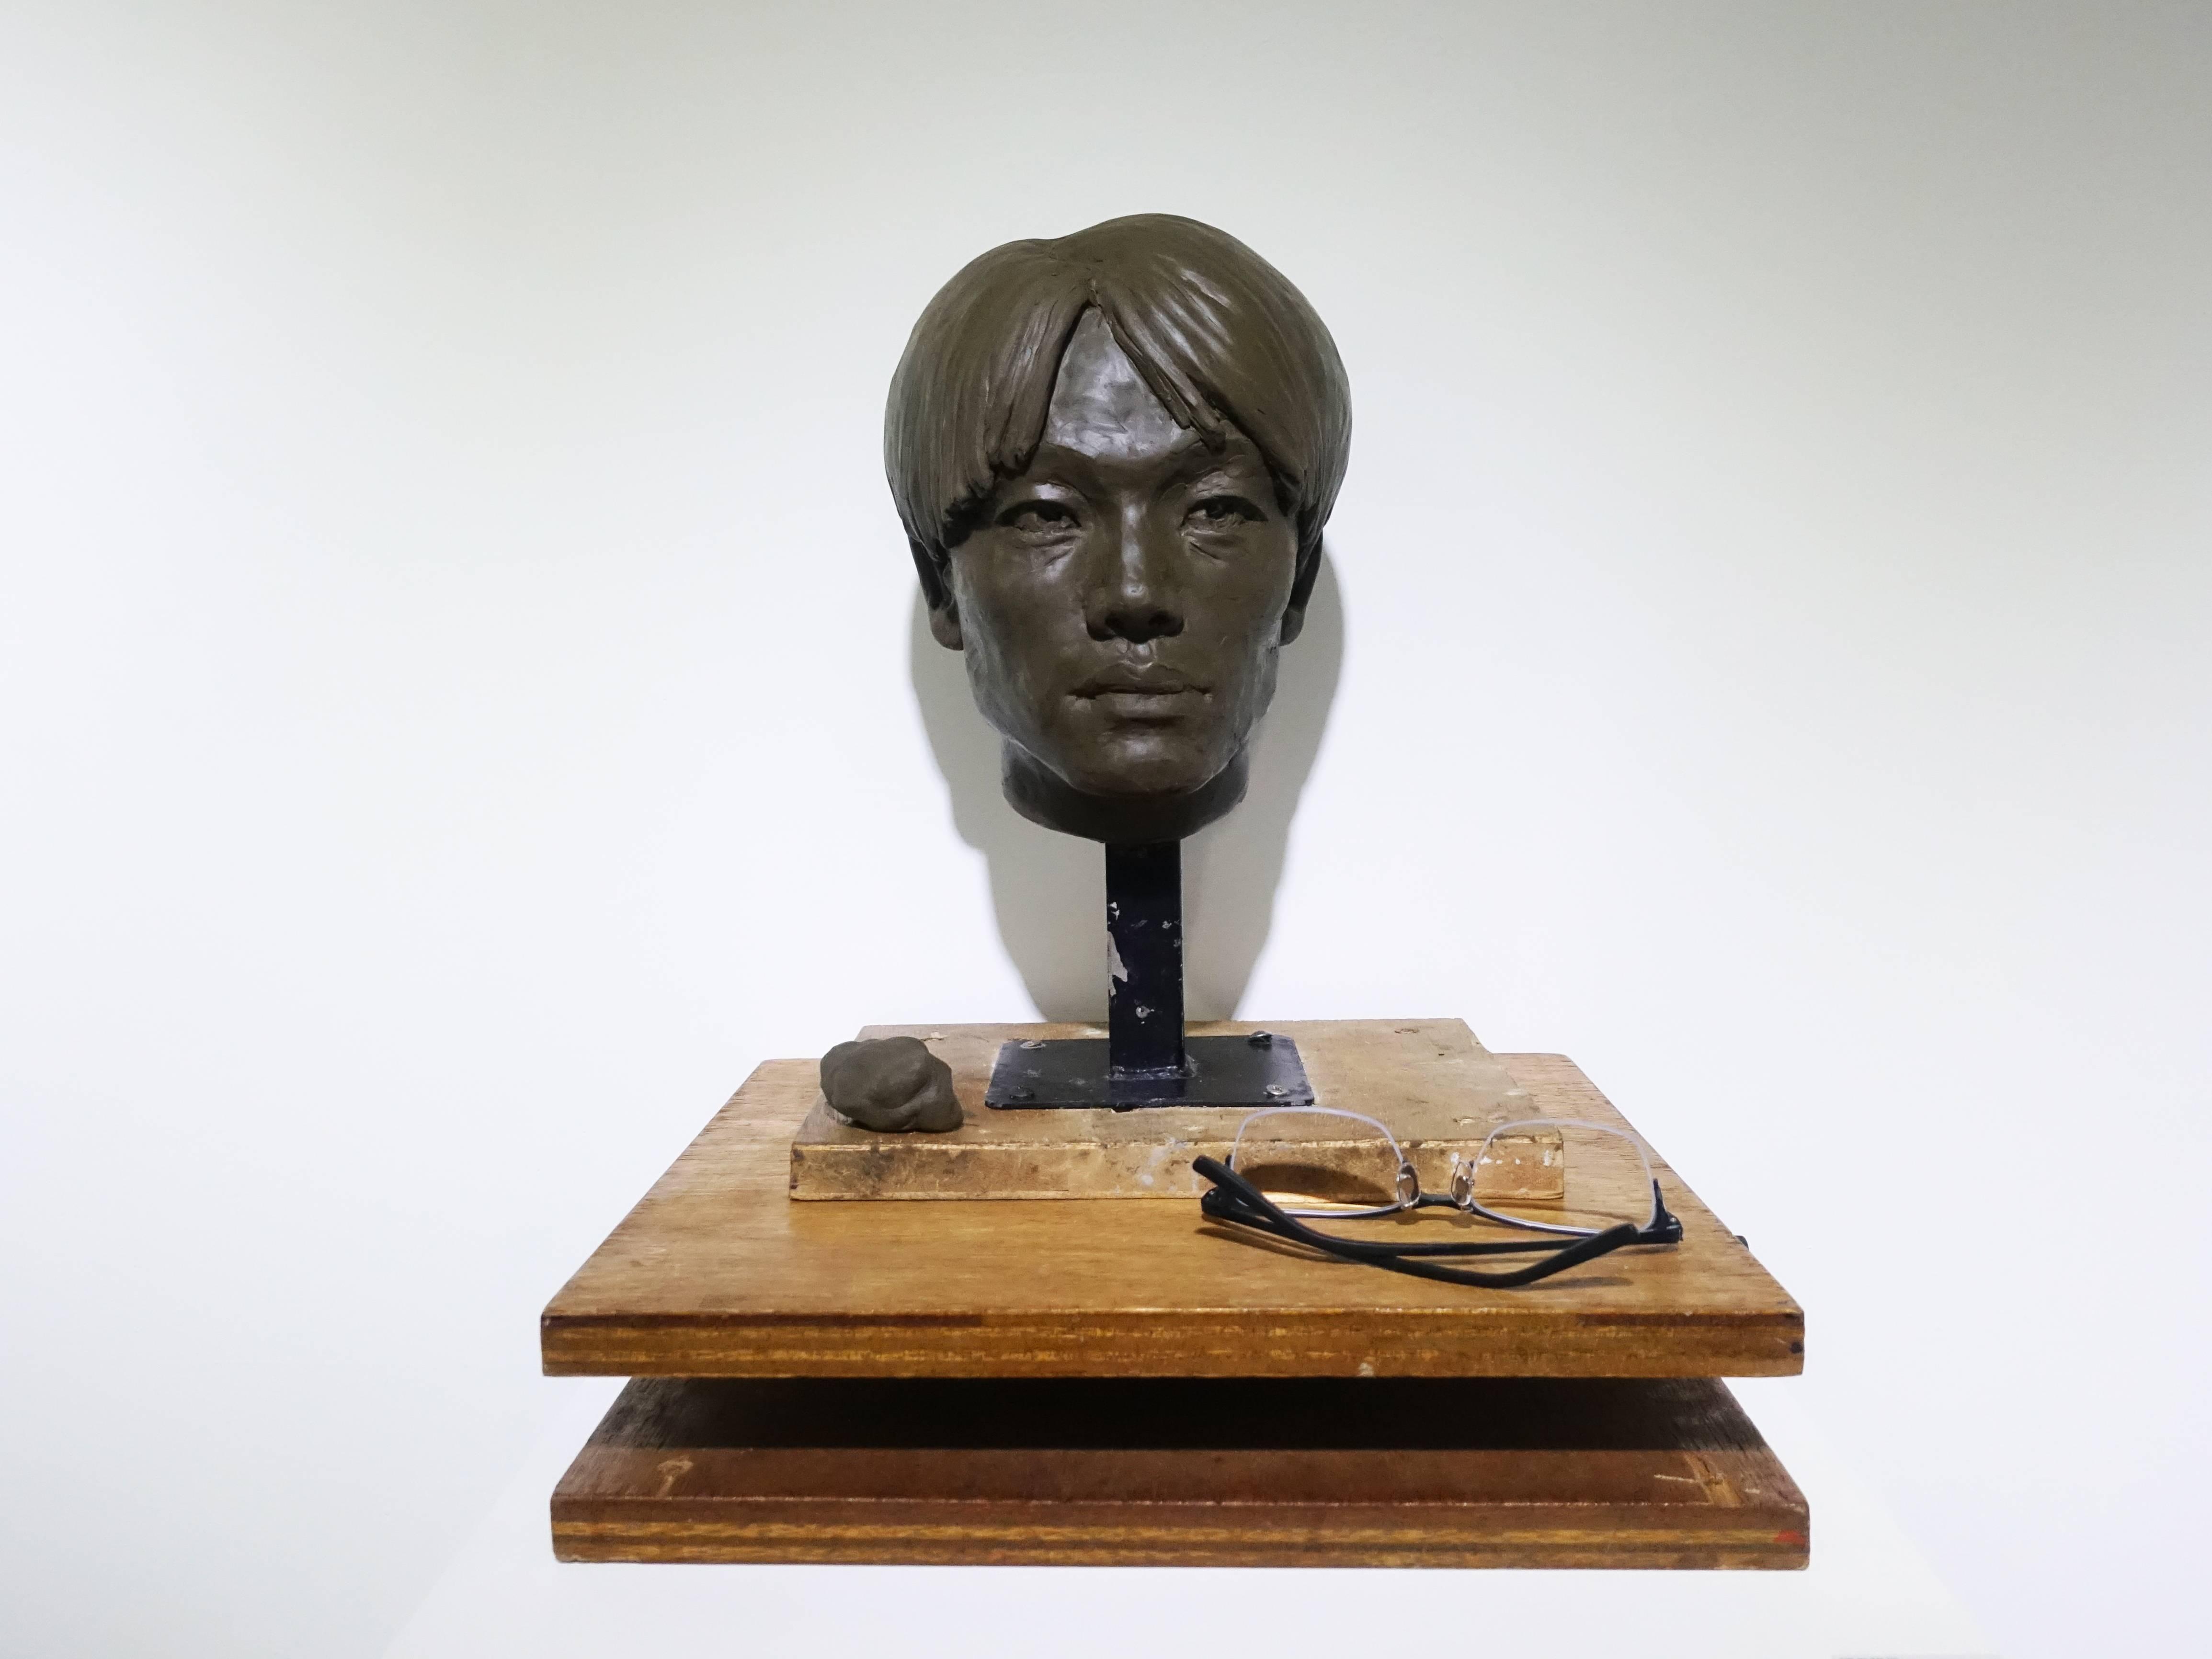 高重黎,《觸/鏡頭部造向術~000》,30x30x45 cm,複合媒材,2019。